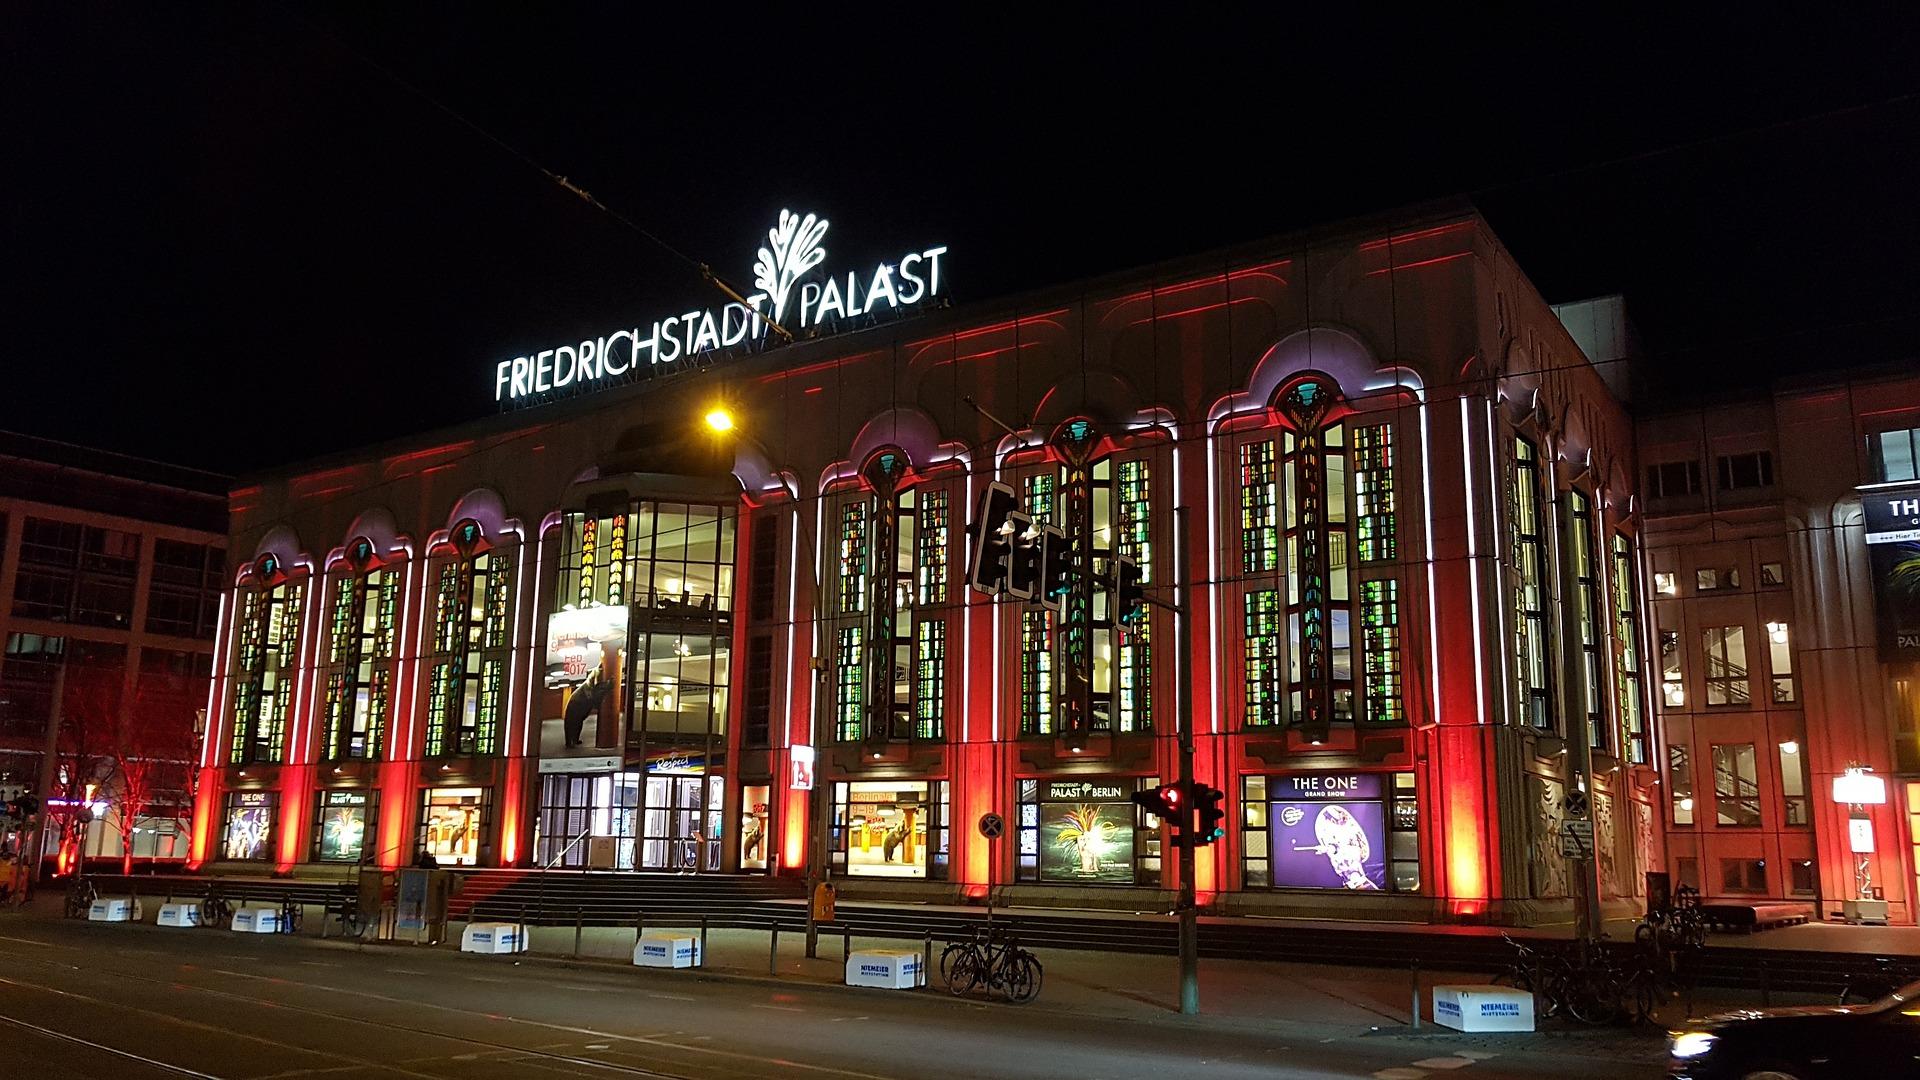 Friedrichstadtpalast Berlin